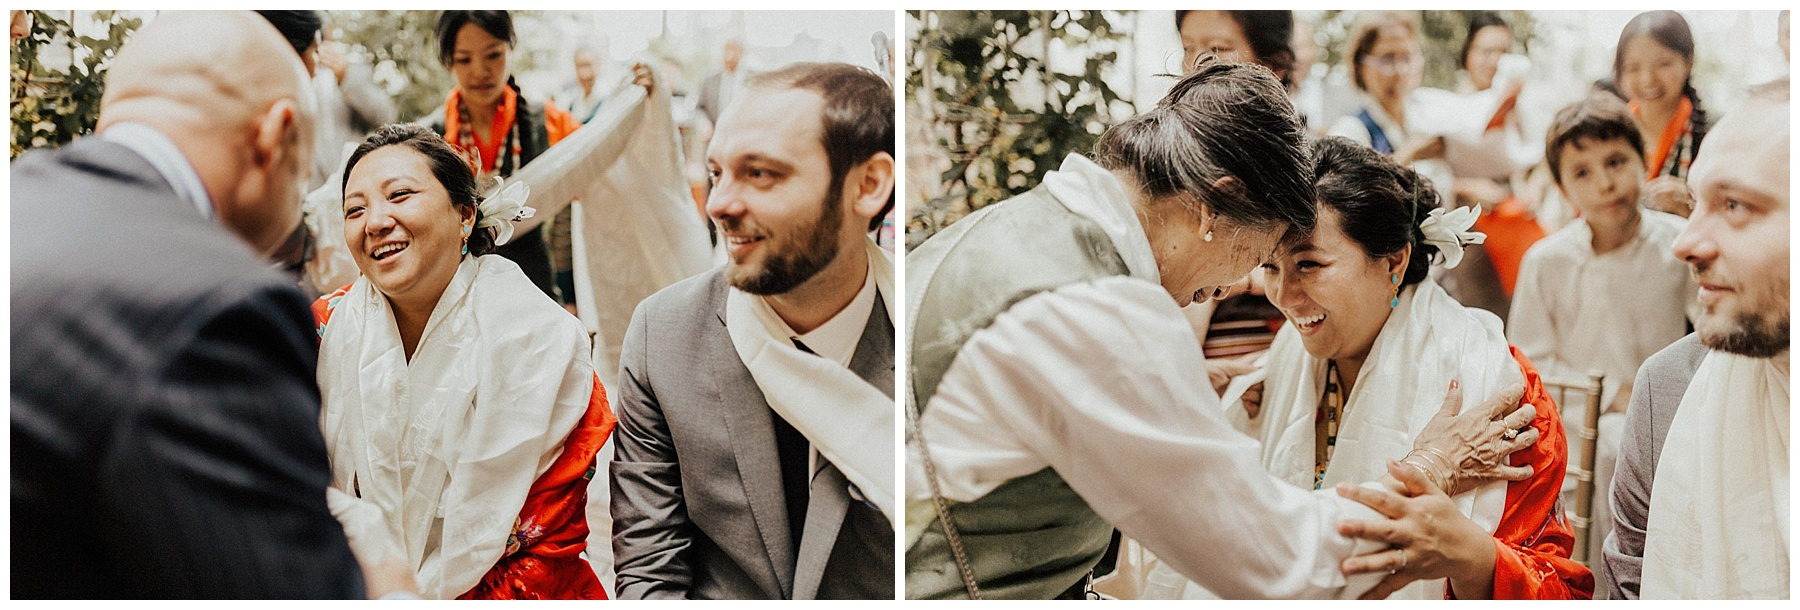 New York City Wedding New York City Wedding Photographer-120.jpg